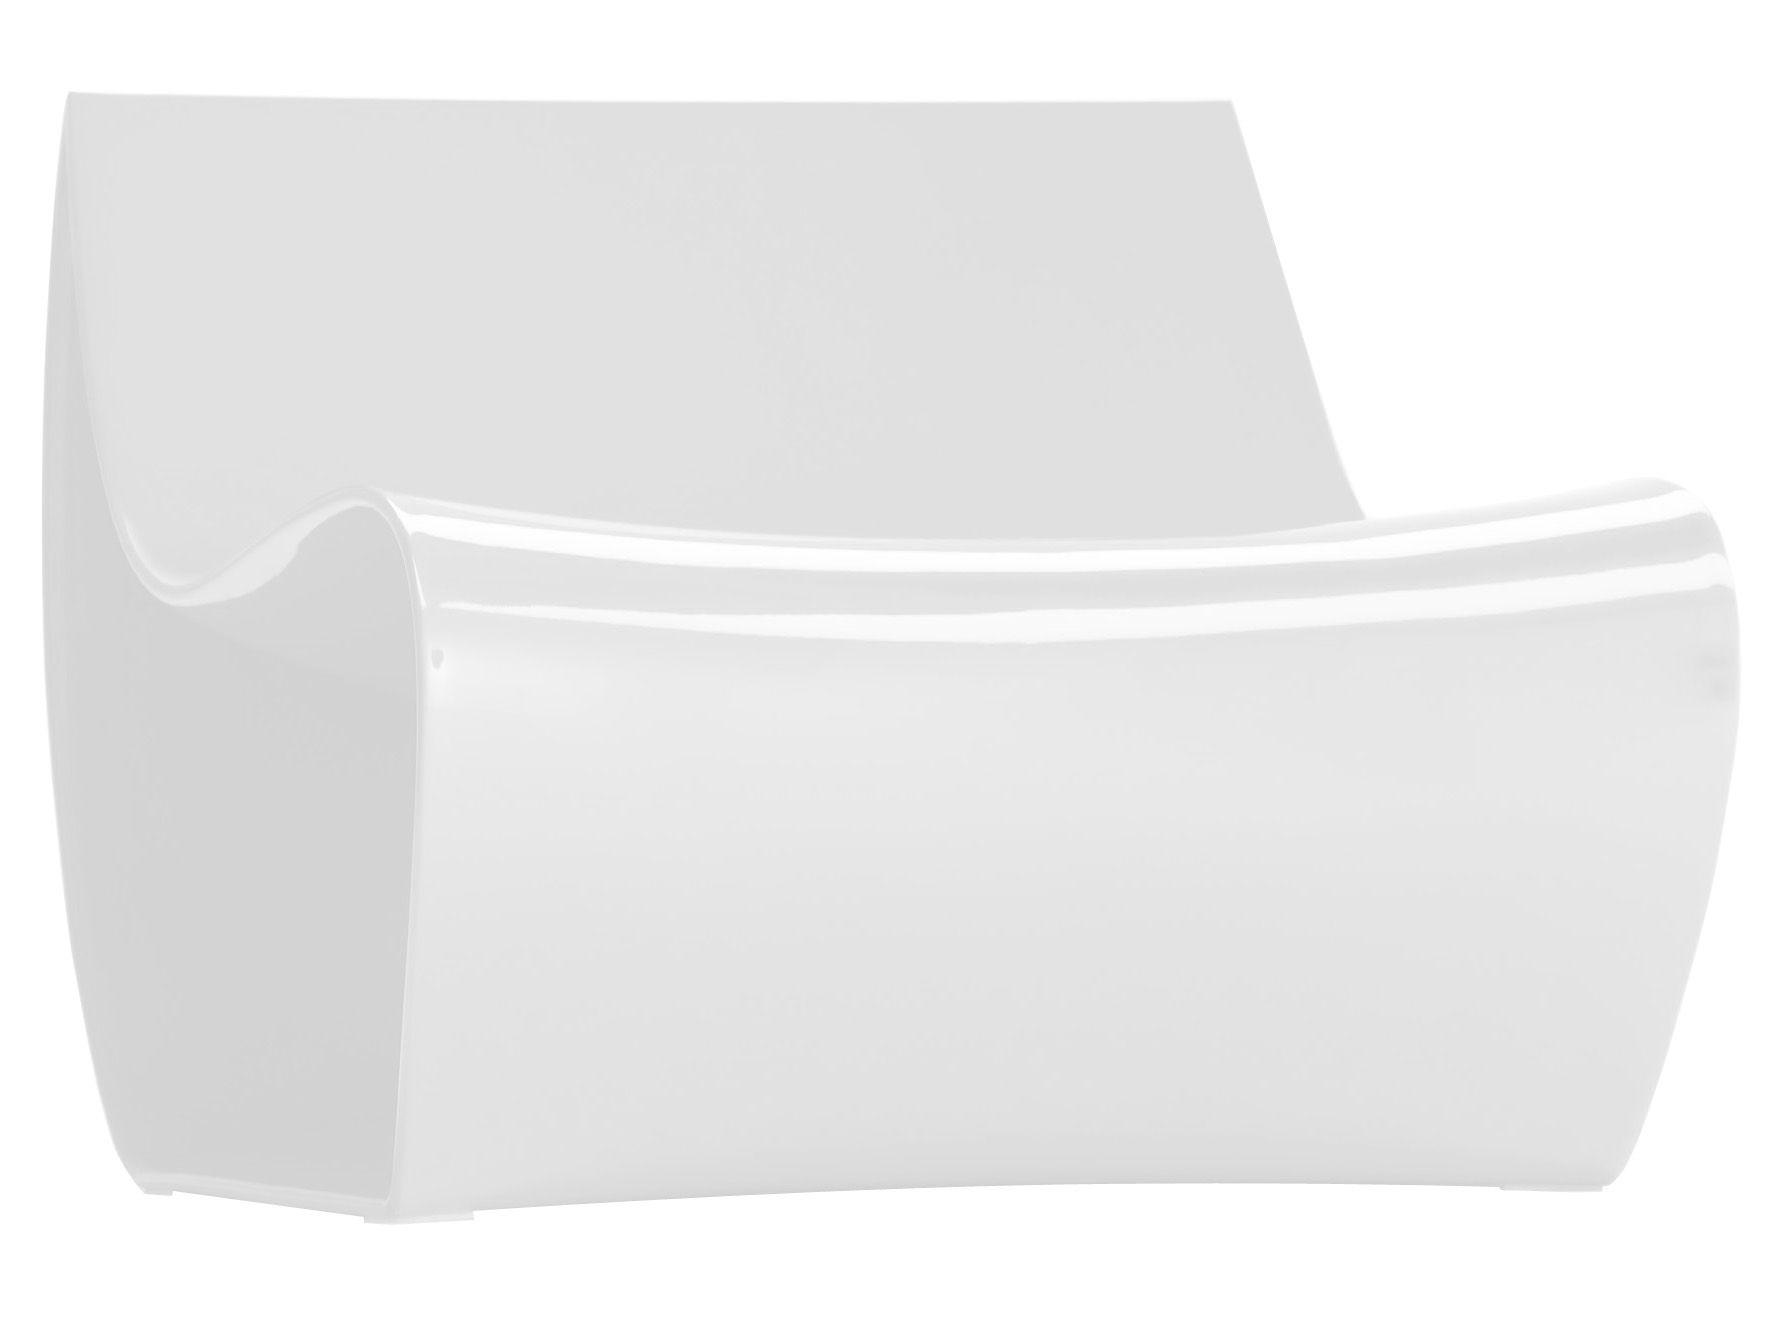 Möbel - Lounge Sessel - Sign Lounge Sessel - MDF Italia - Weiß lackiert - lackiertes Polyamid